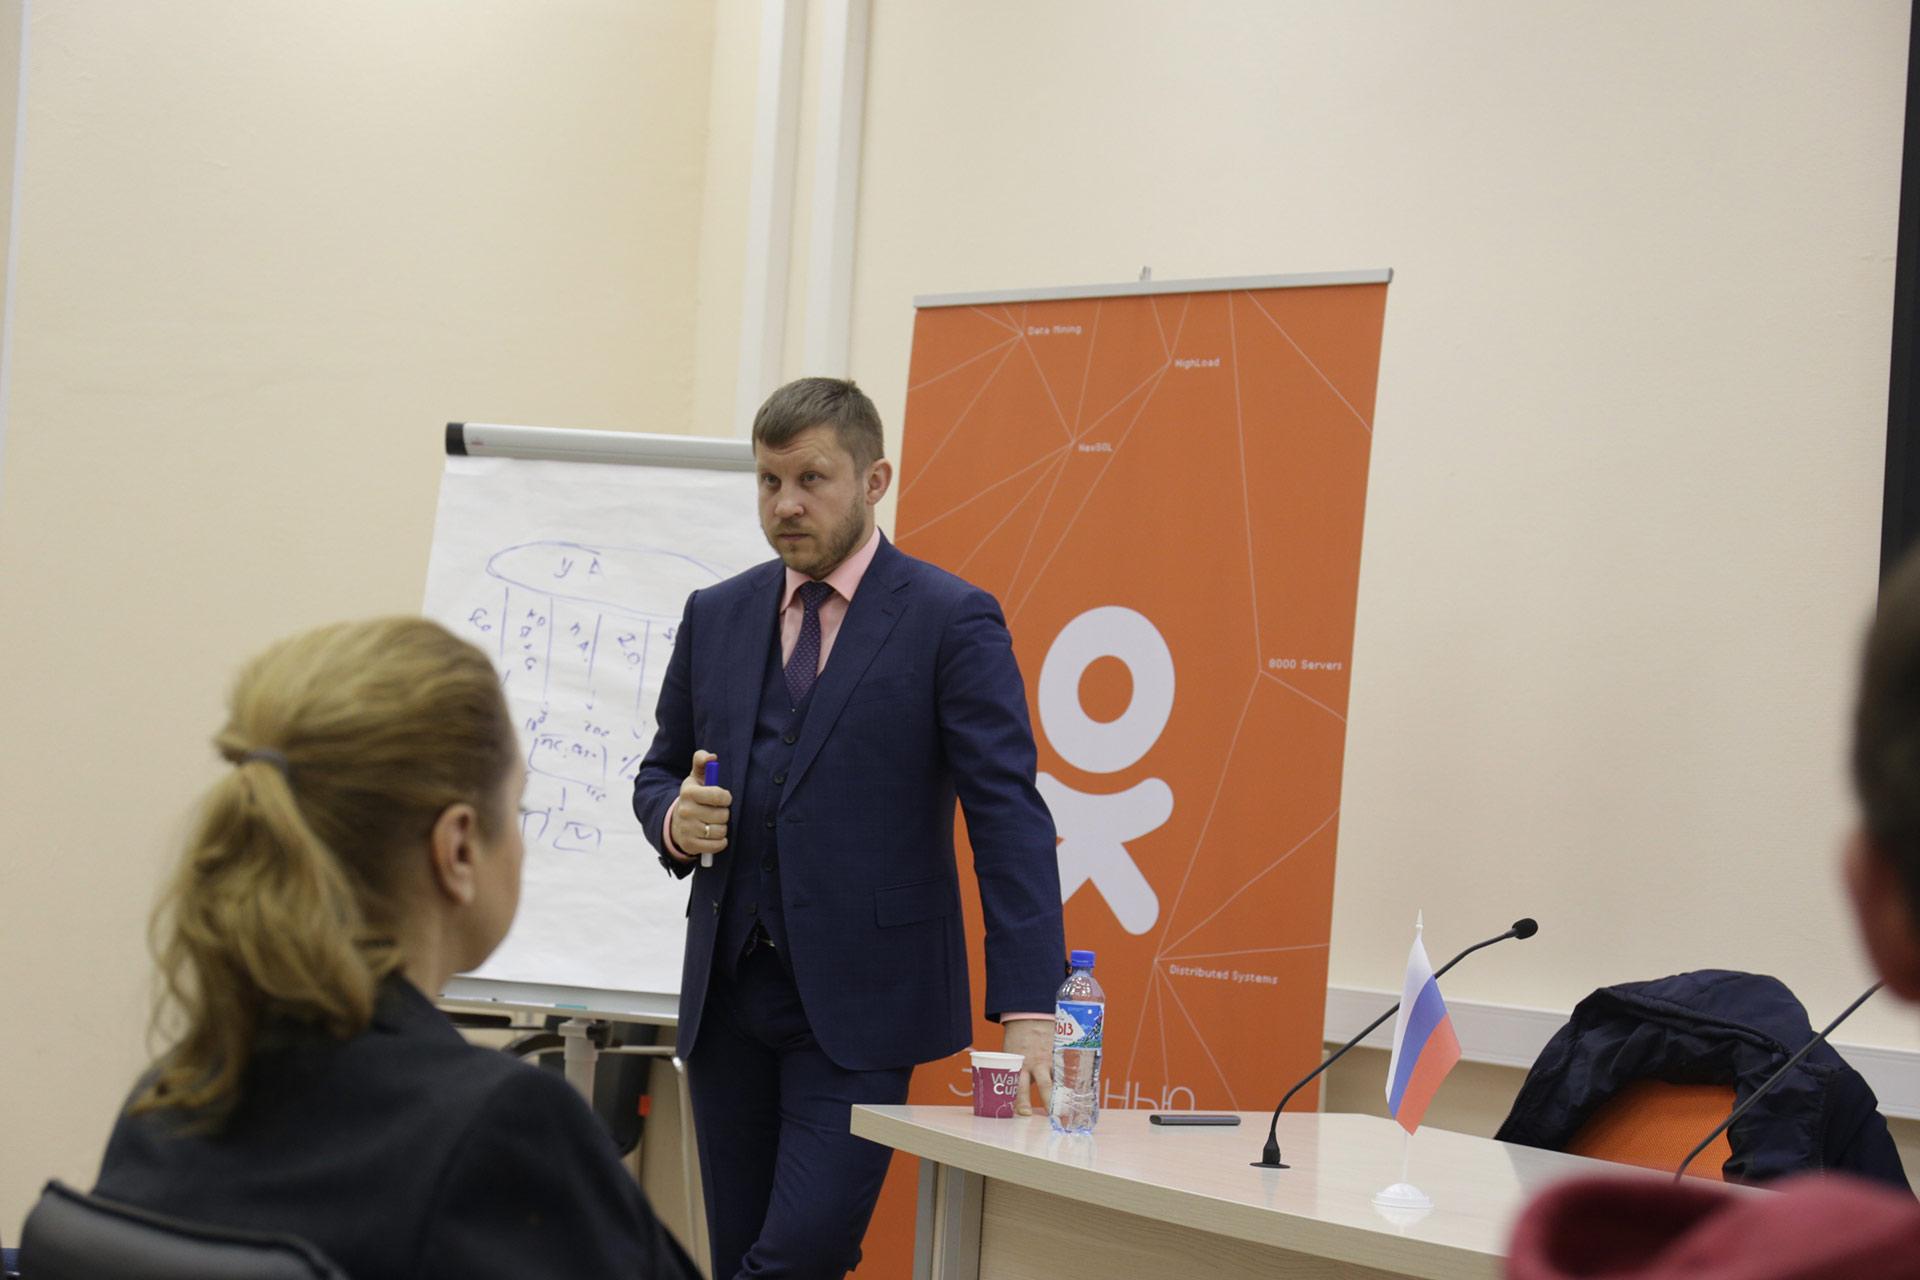 Михаил Старостин — действующий предприниматель, опыт в бизнесе 17 лет